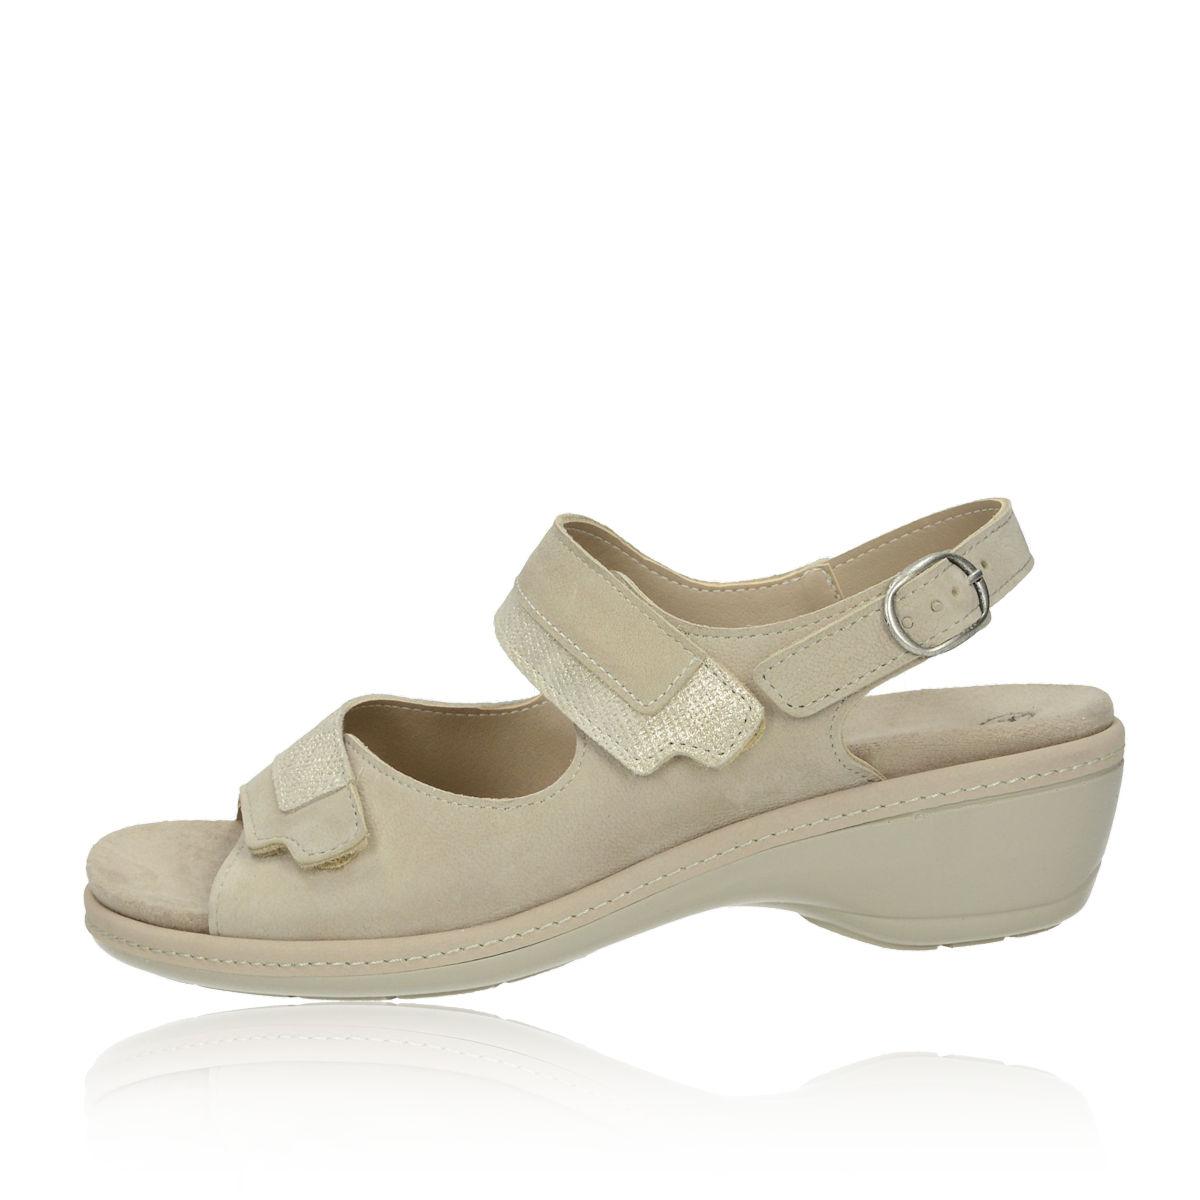 2b878495f7f0 ... Robel dámske pohodlné sandále na suchý zips - béžové ...